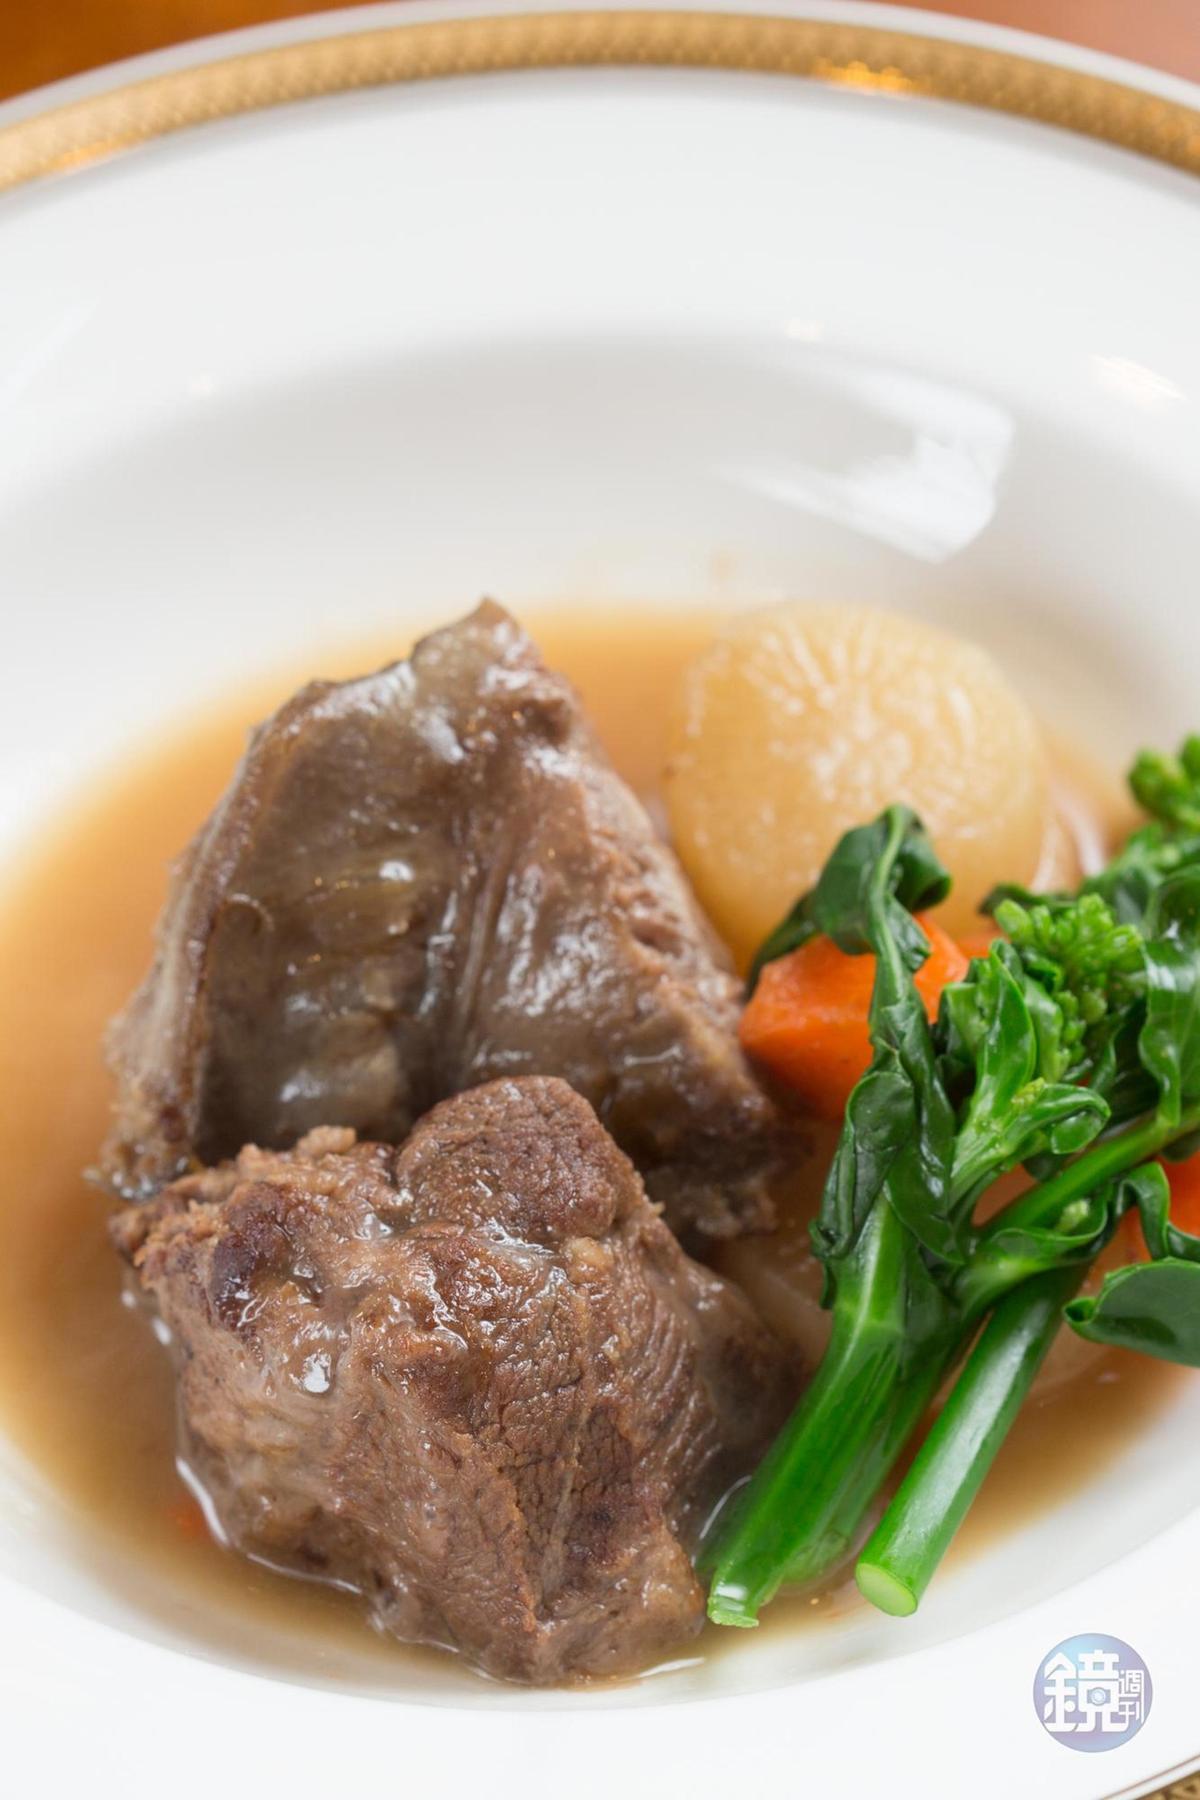 「白酒清燉和牛頰」肉質裡有飽滿膠質,燉至軟黏入味。